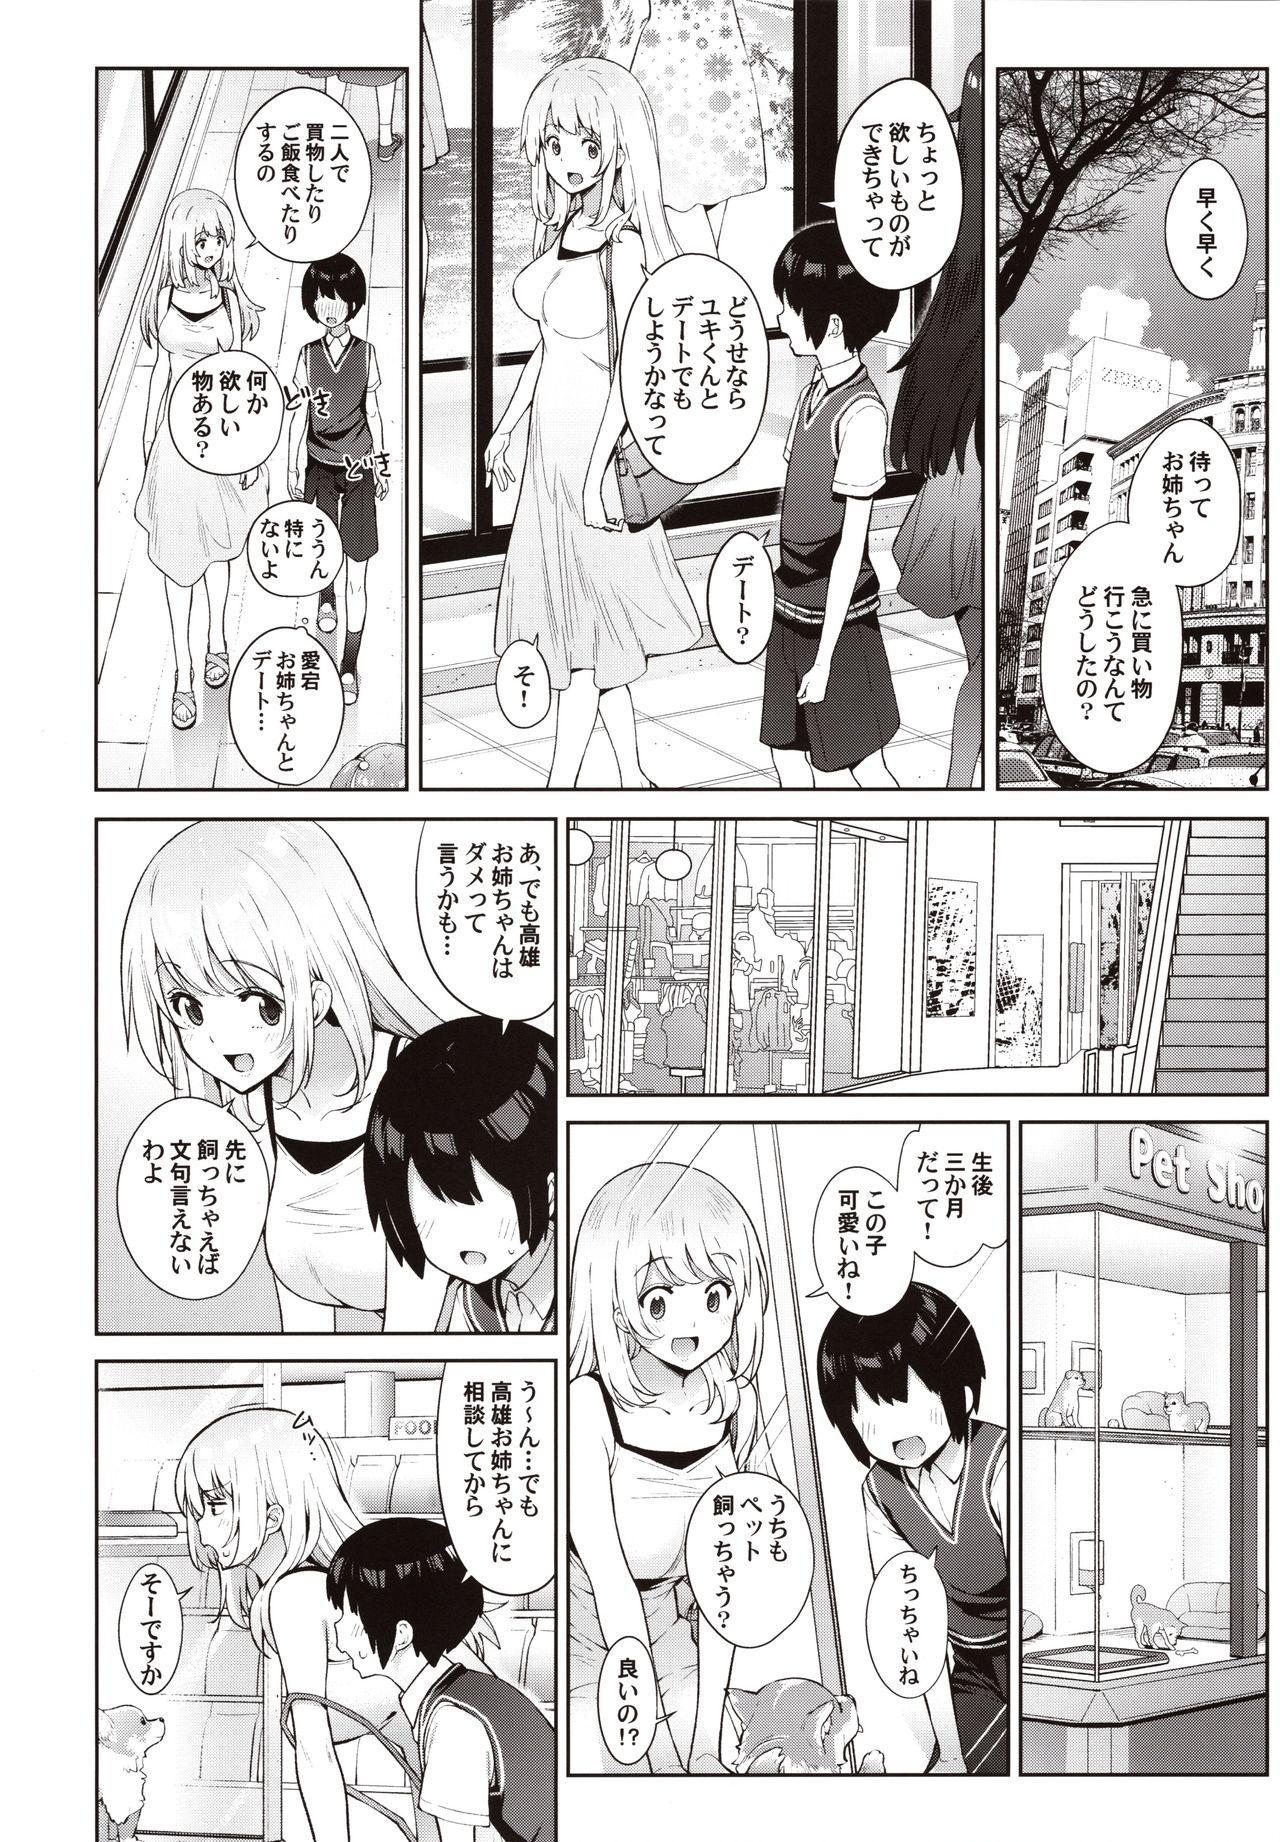 Otouto ga Kawaisugiru node Mirai no Teitoku dakedo, Aishichatte mo Ii desu ka? 6